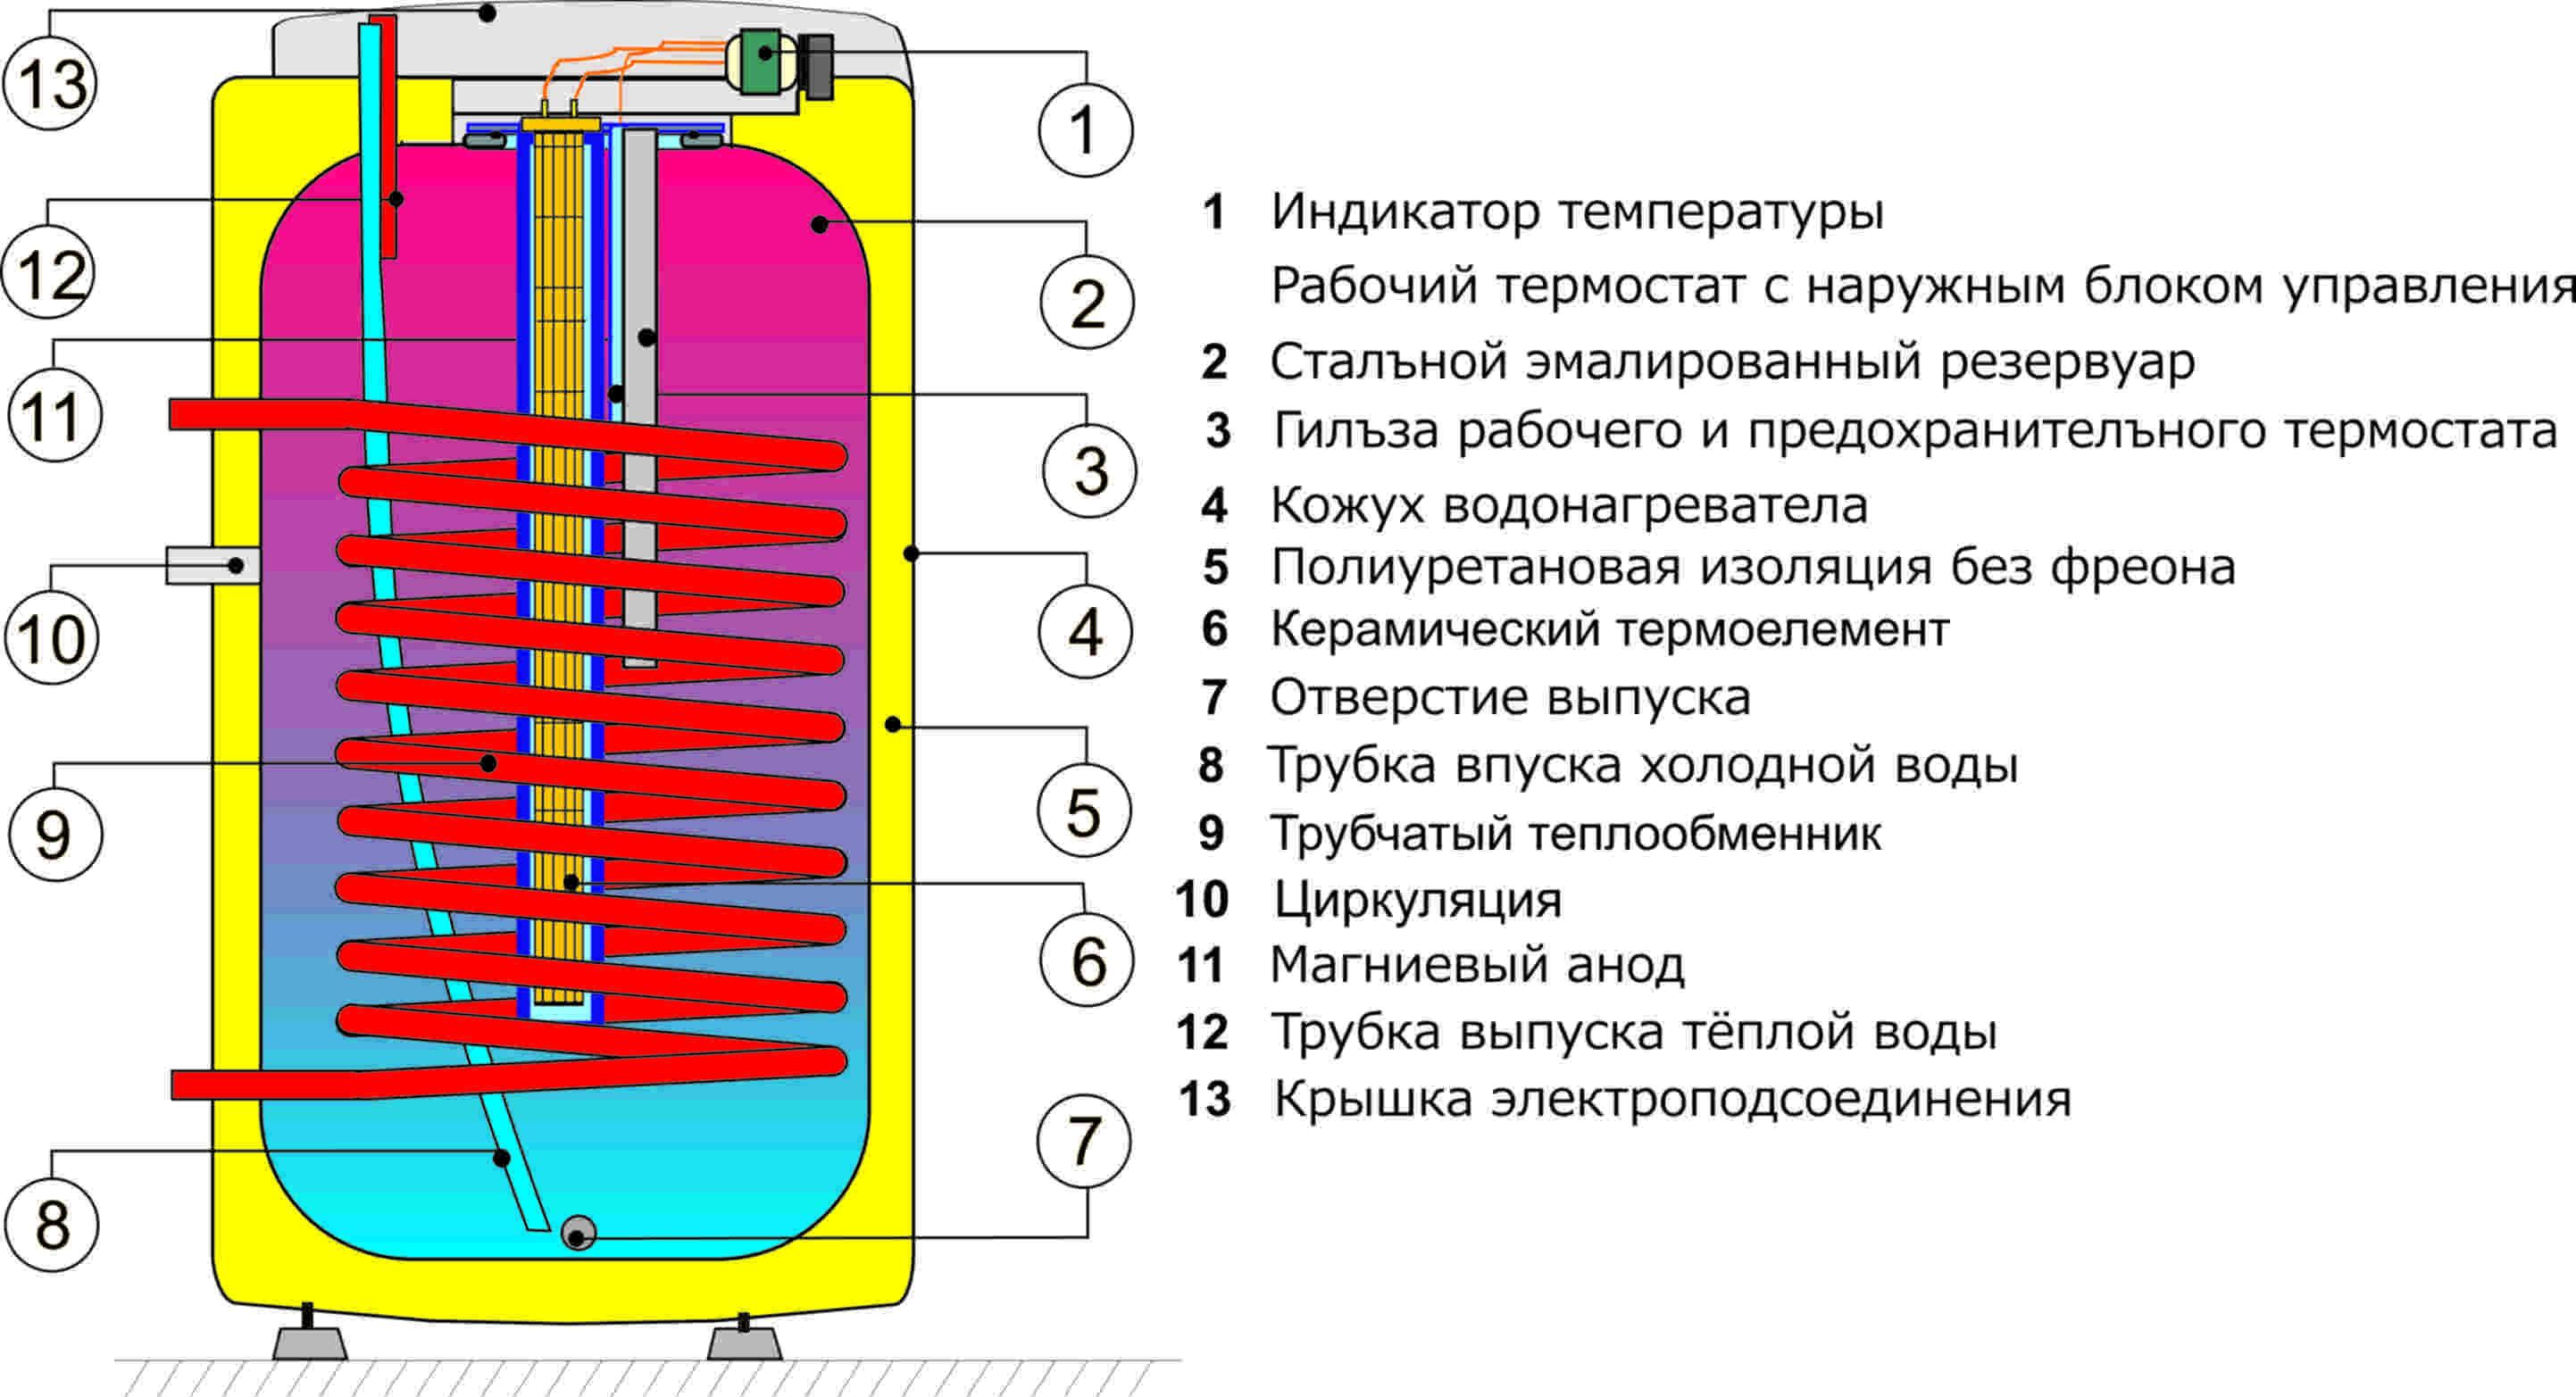 Что такое бойлер, как его включить, подключить и выбрать, принцип работы бойлера для нагрева воды